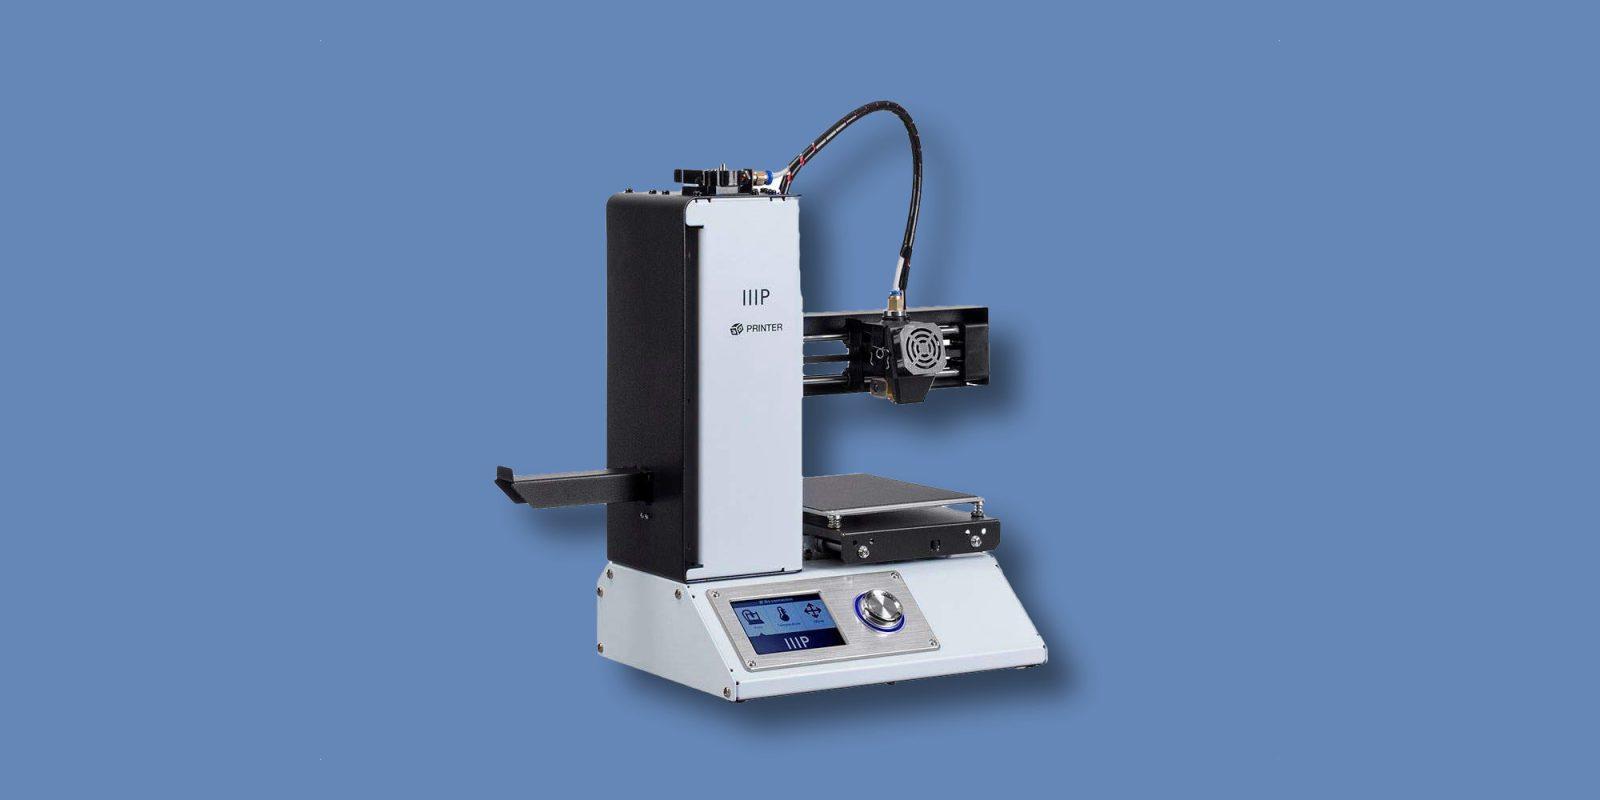 Monoprice's Select Mini 3D Printer falls to $161.50 (Reg. $190+)